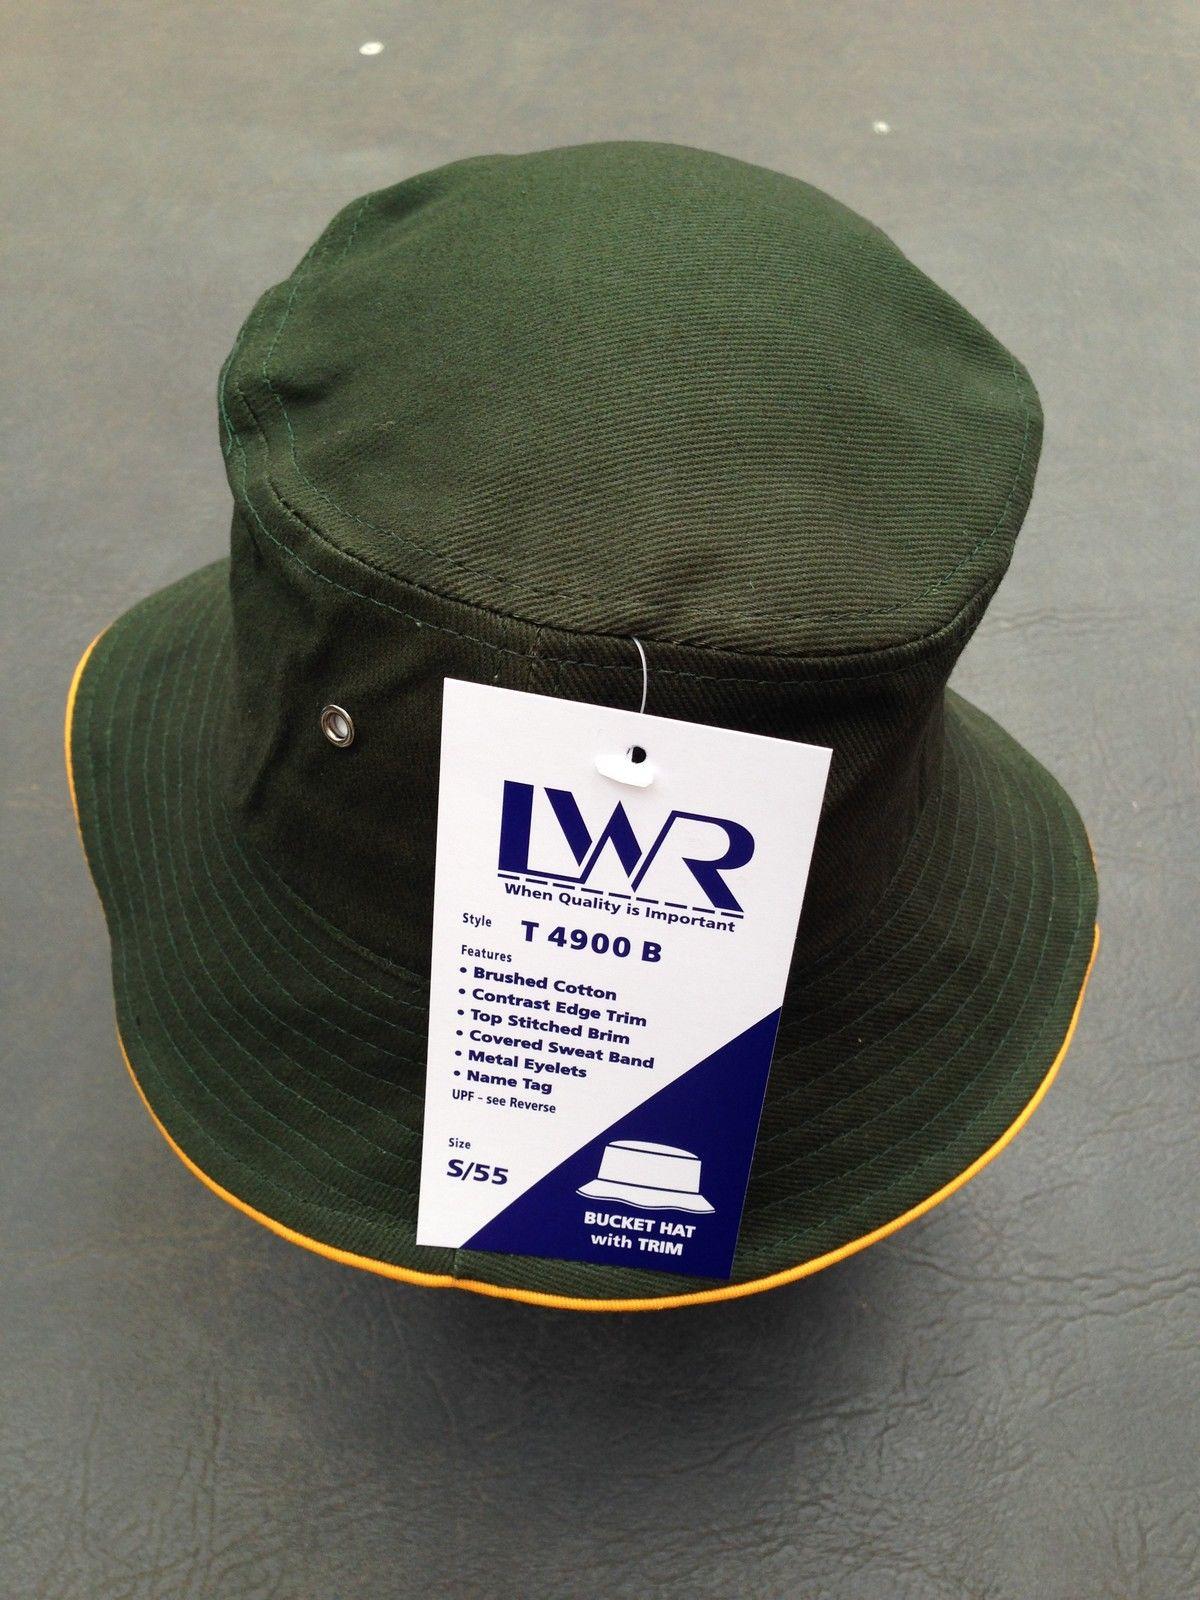 5cc0ea58e $14.95 AUD - Bnwt Boy/Girls Bottle Green/Gold Trim Lwr Sz M/57Cm School  Uniform Bucket Hat #ebay #Fashion